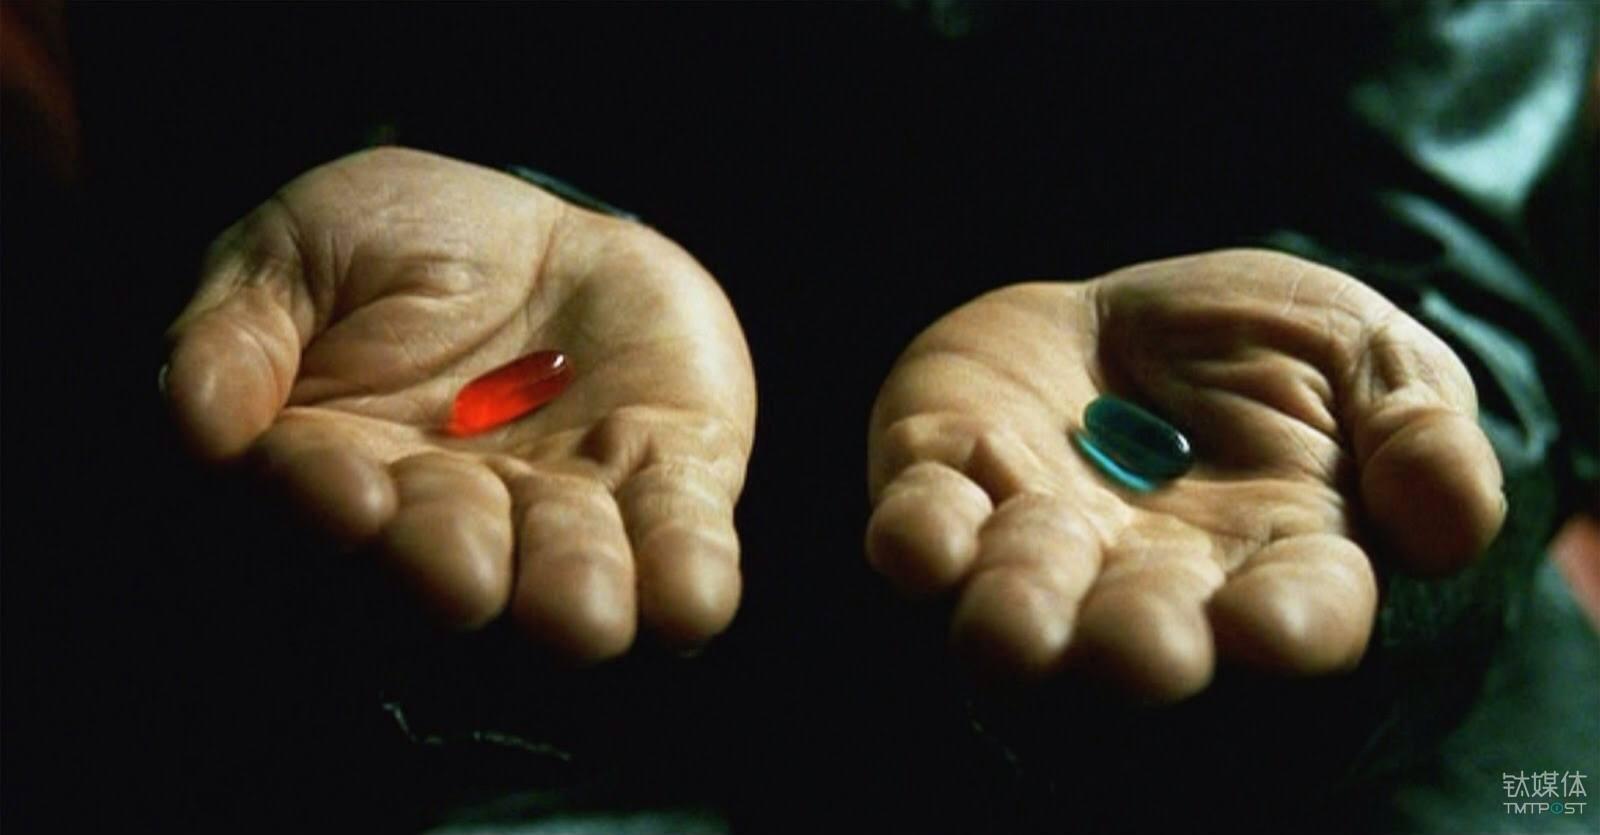 红药丸与蓝药丸的选择是《黑客帝国》里的第一道图灵测试